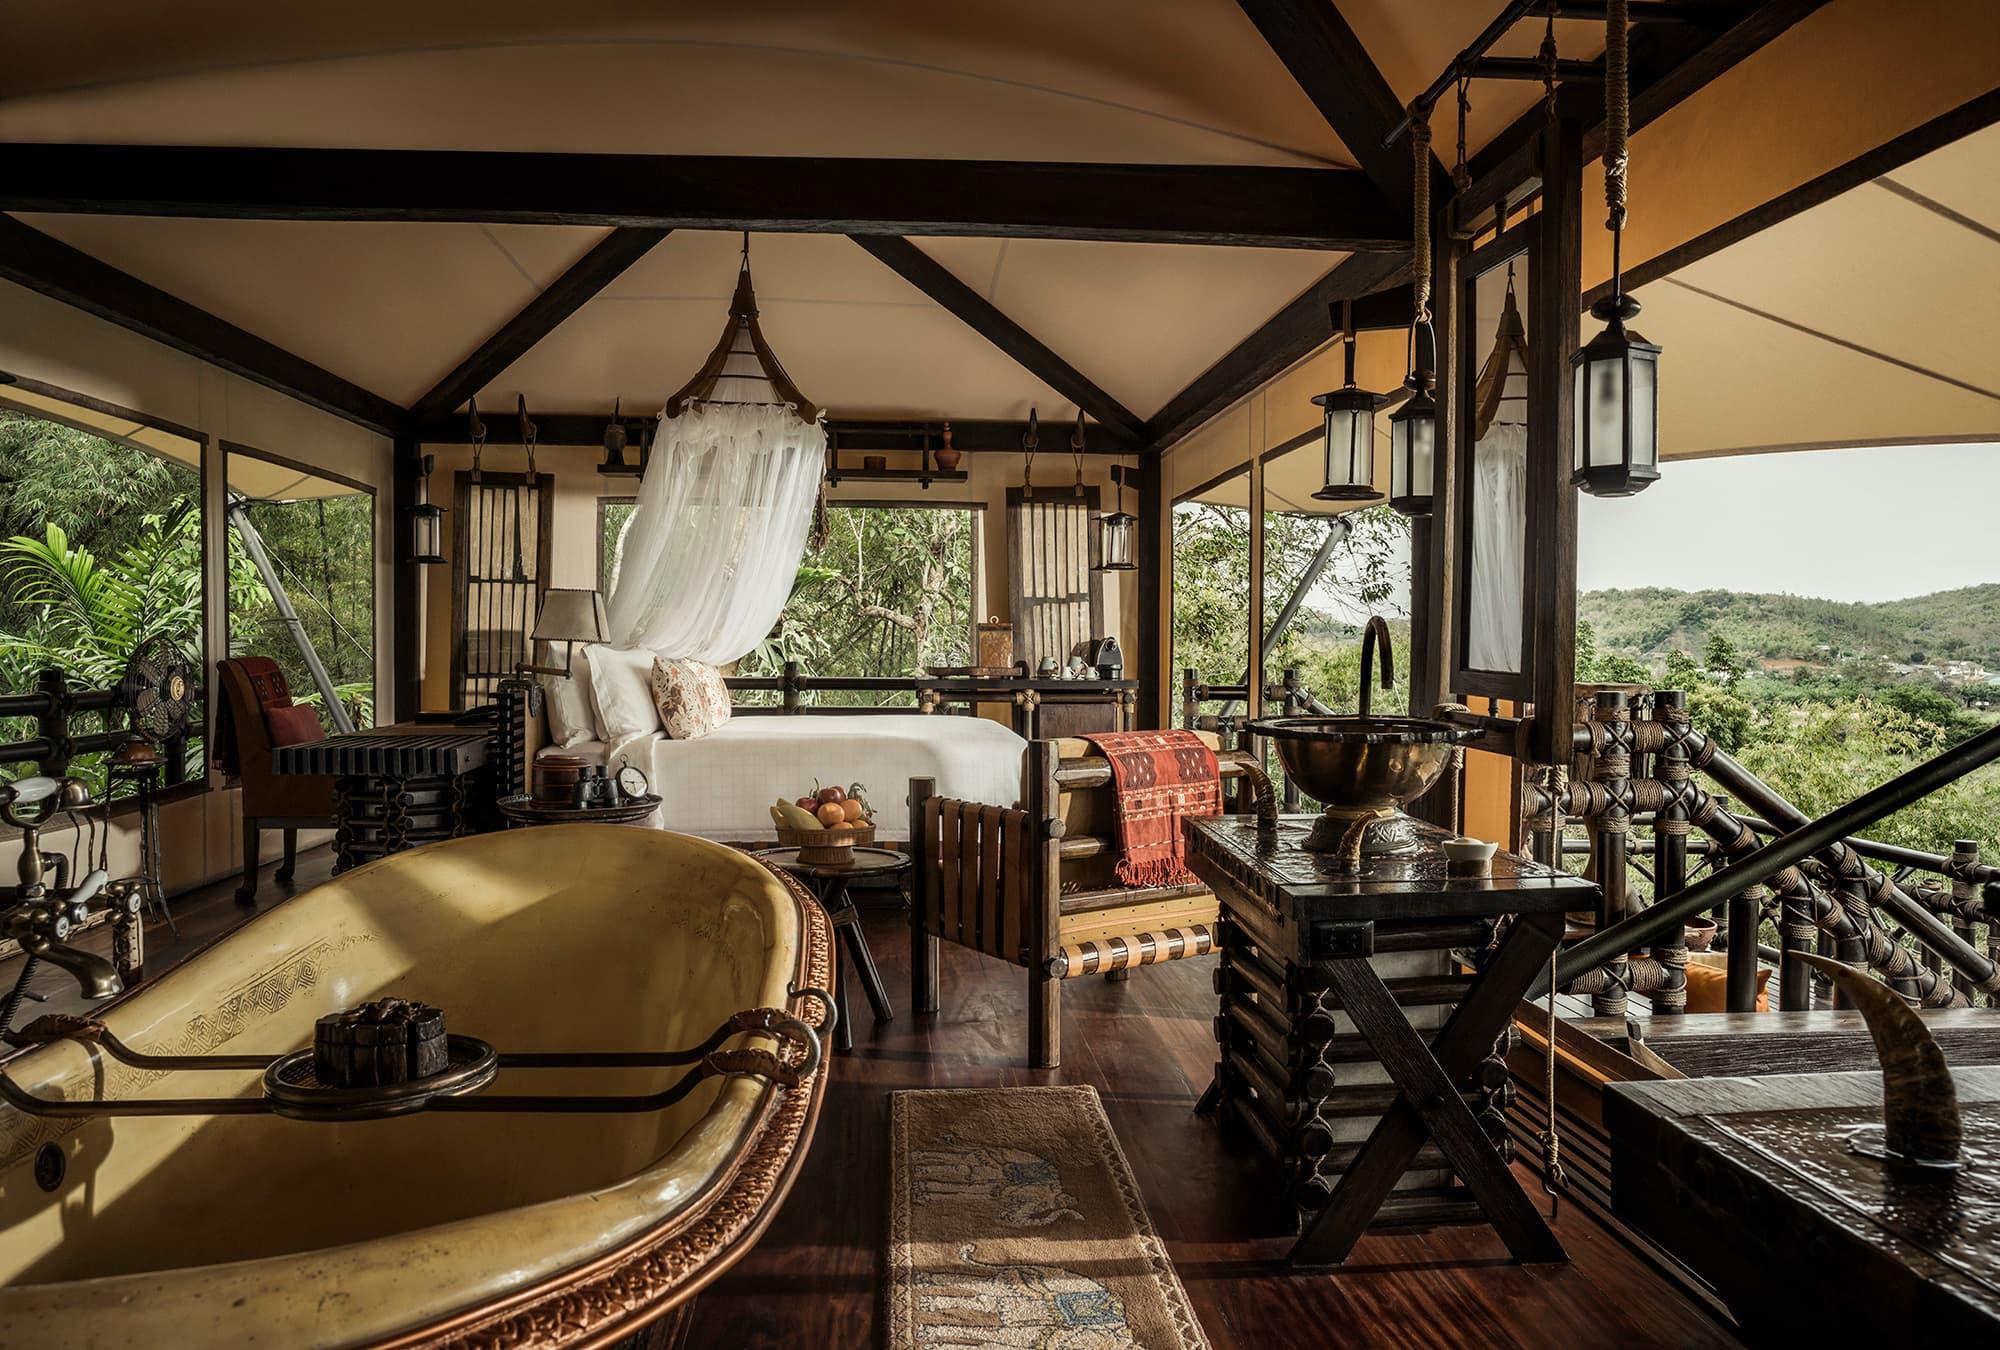 El triángulo de oro en campamento de lujo y Phi Phi Island - Tailandia- imagen #3